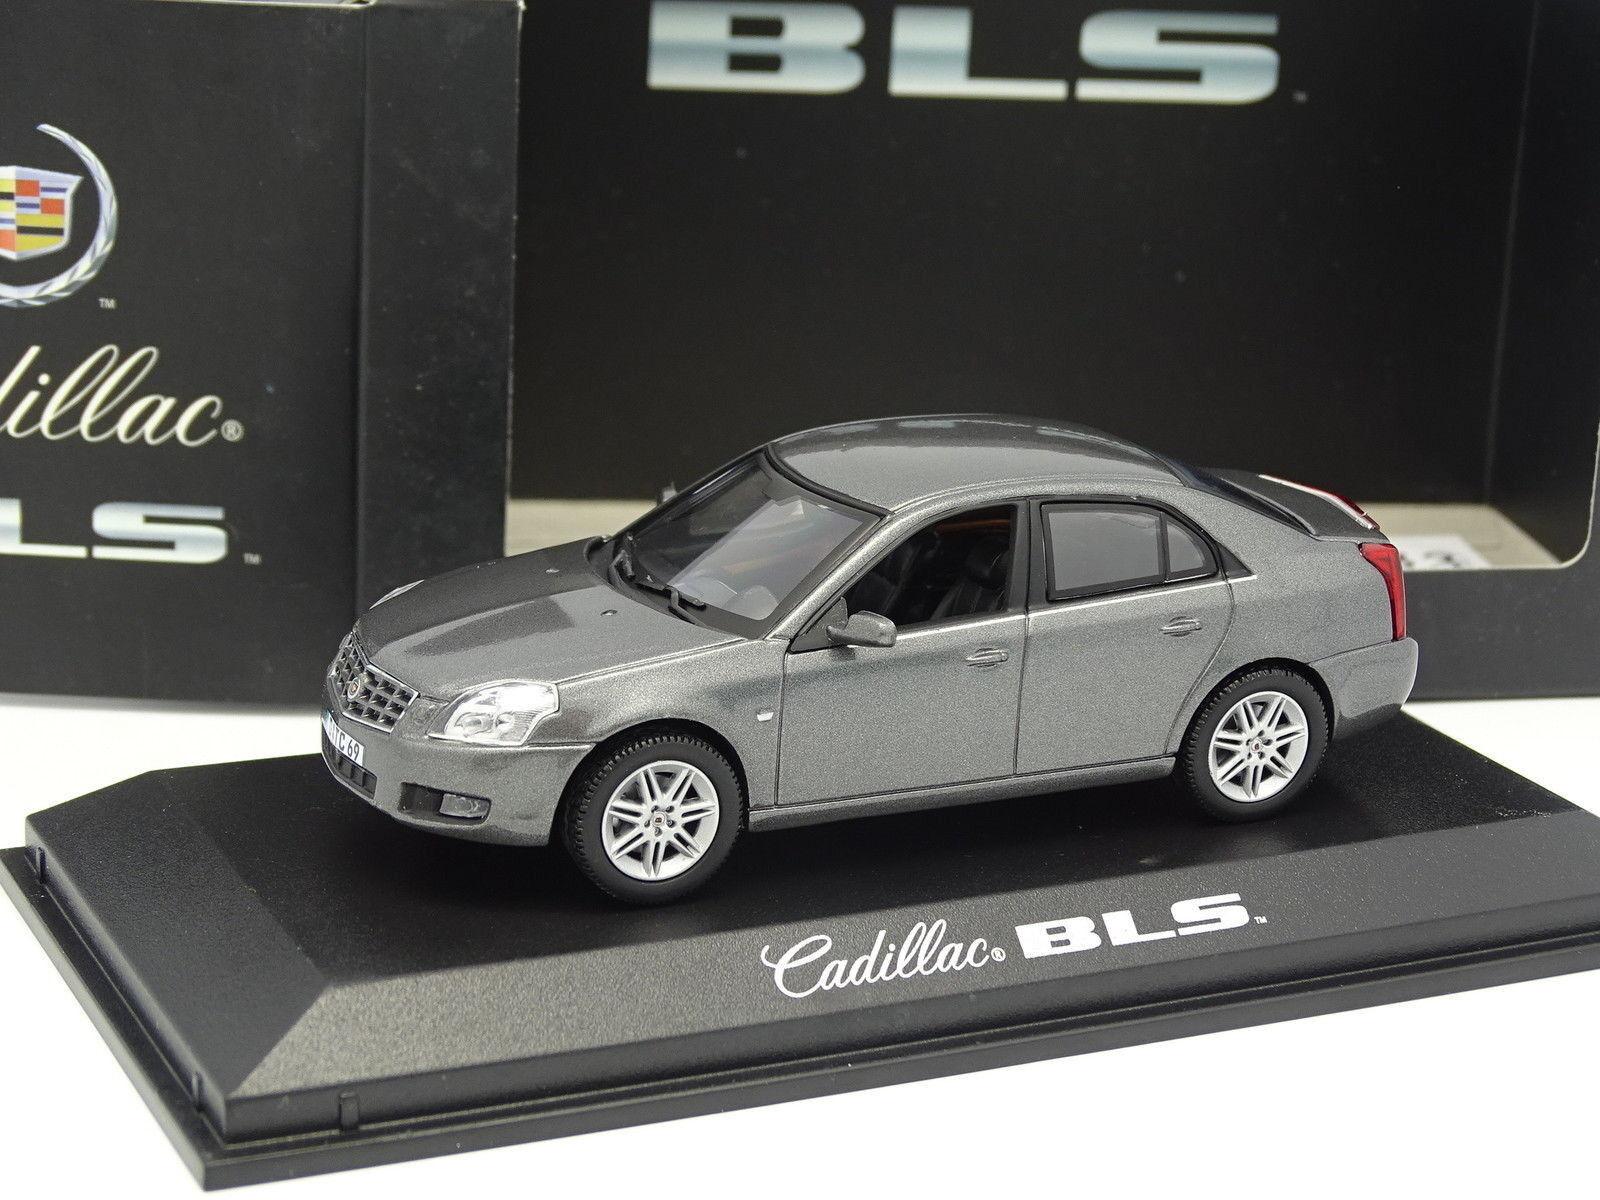 Norev 1 43 - Cadillac BLS grigio